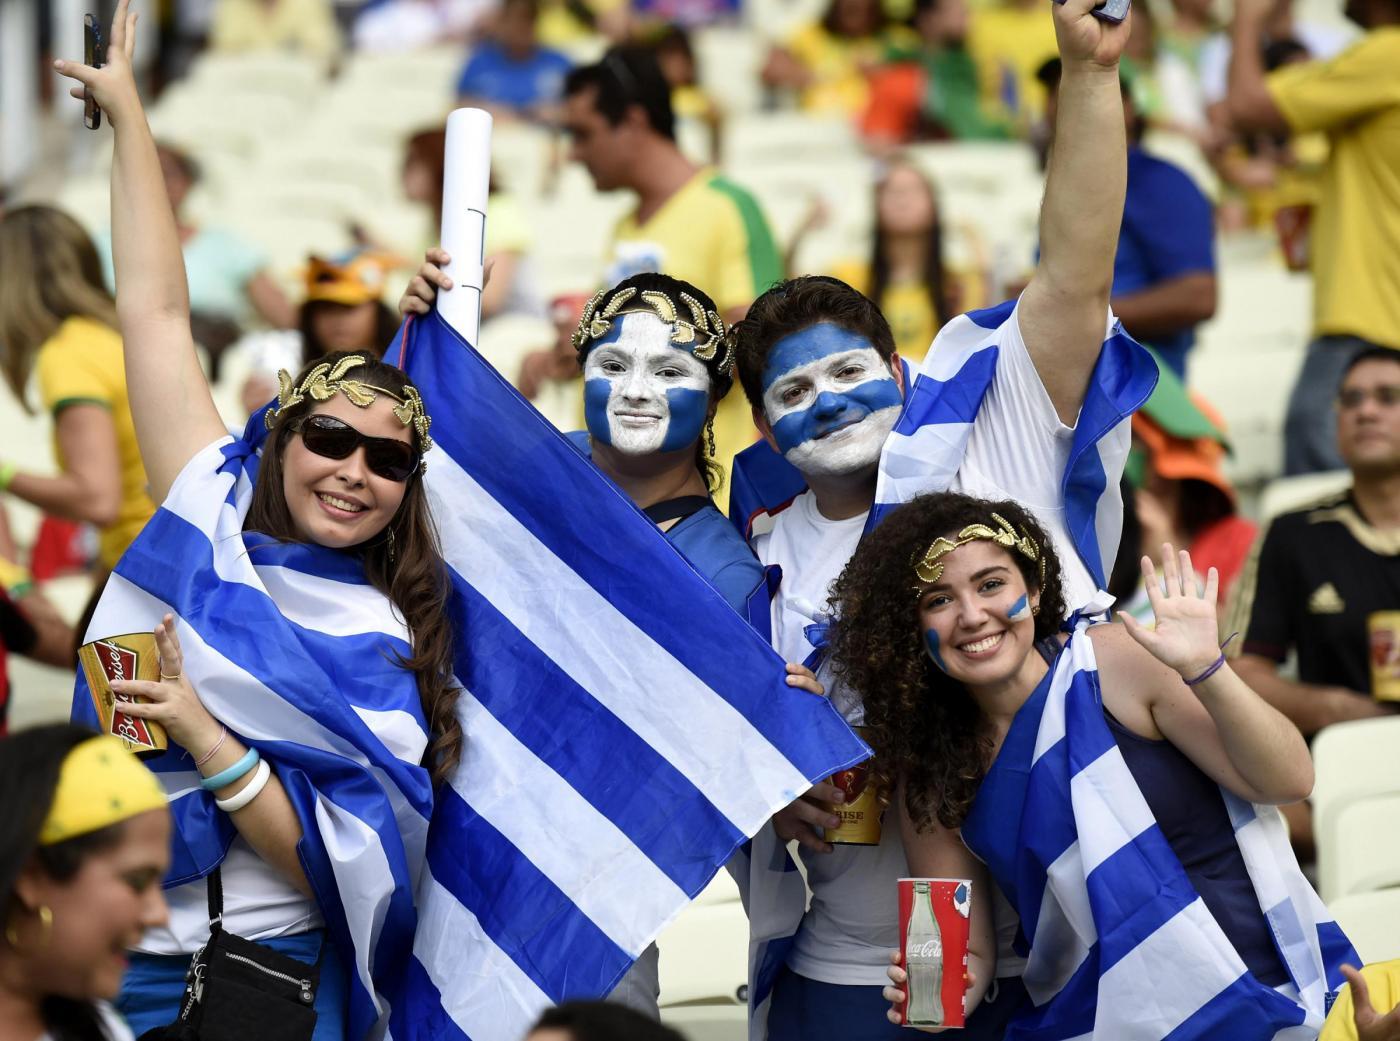 Grecia-Austria 16 novembre: si gioca l'andata di 1 dei 2 play-off per l'accesso alla fase finale degli Europei U.21. Greci favoriti.